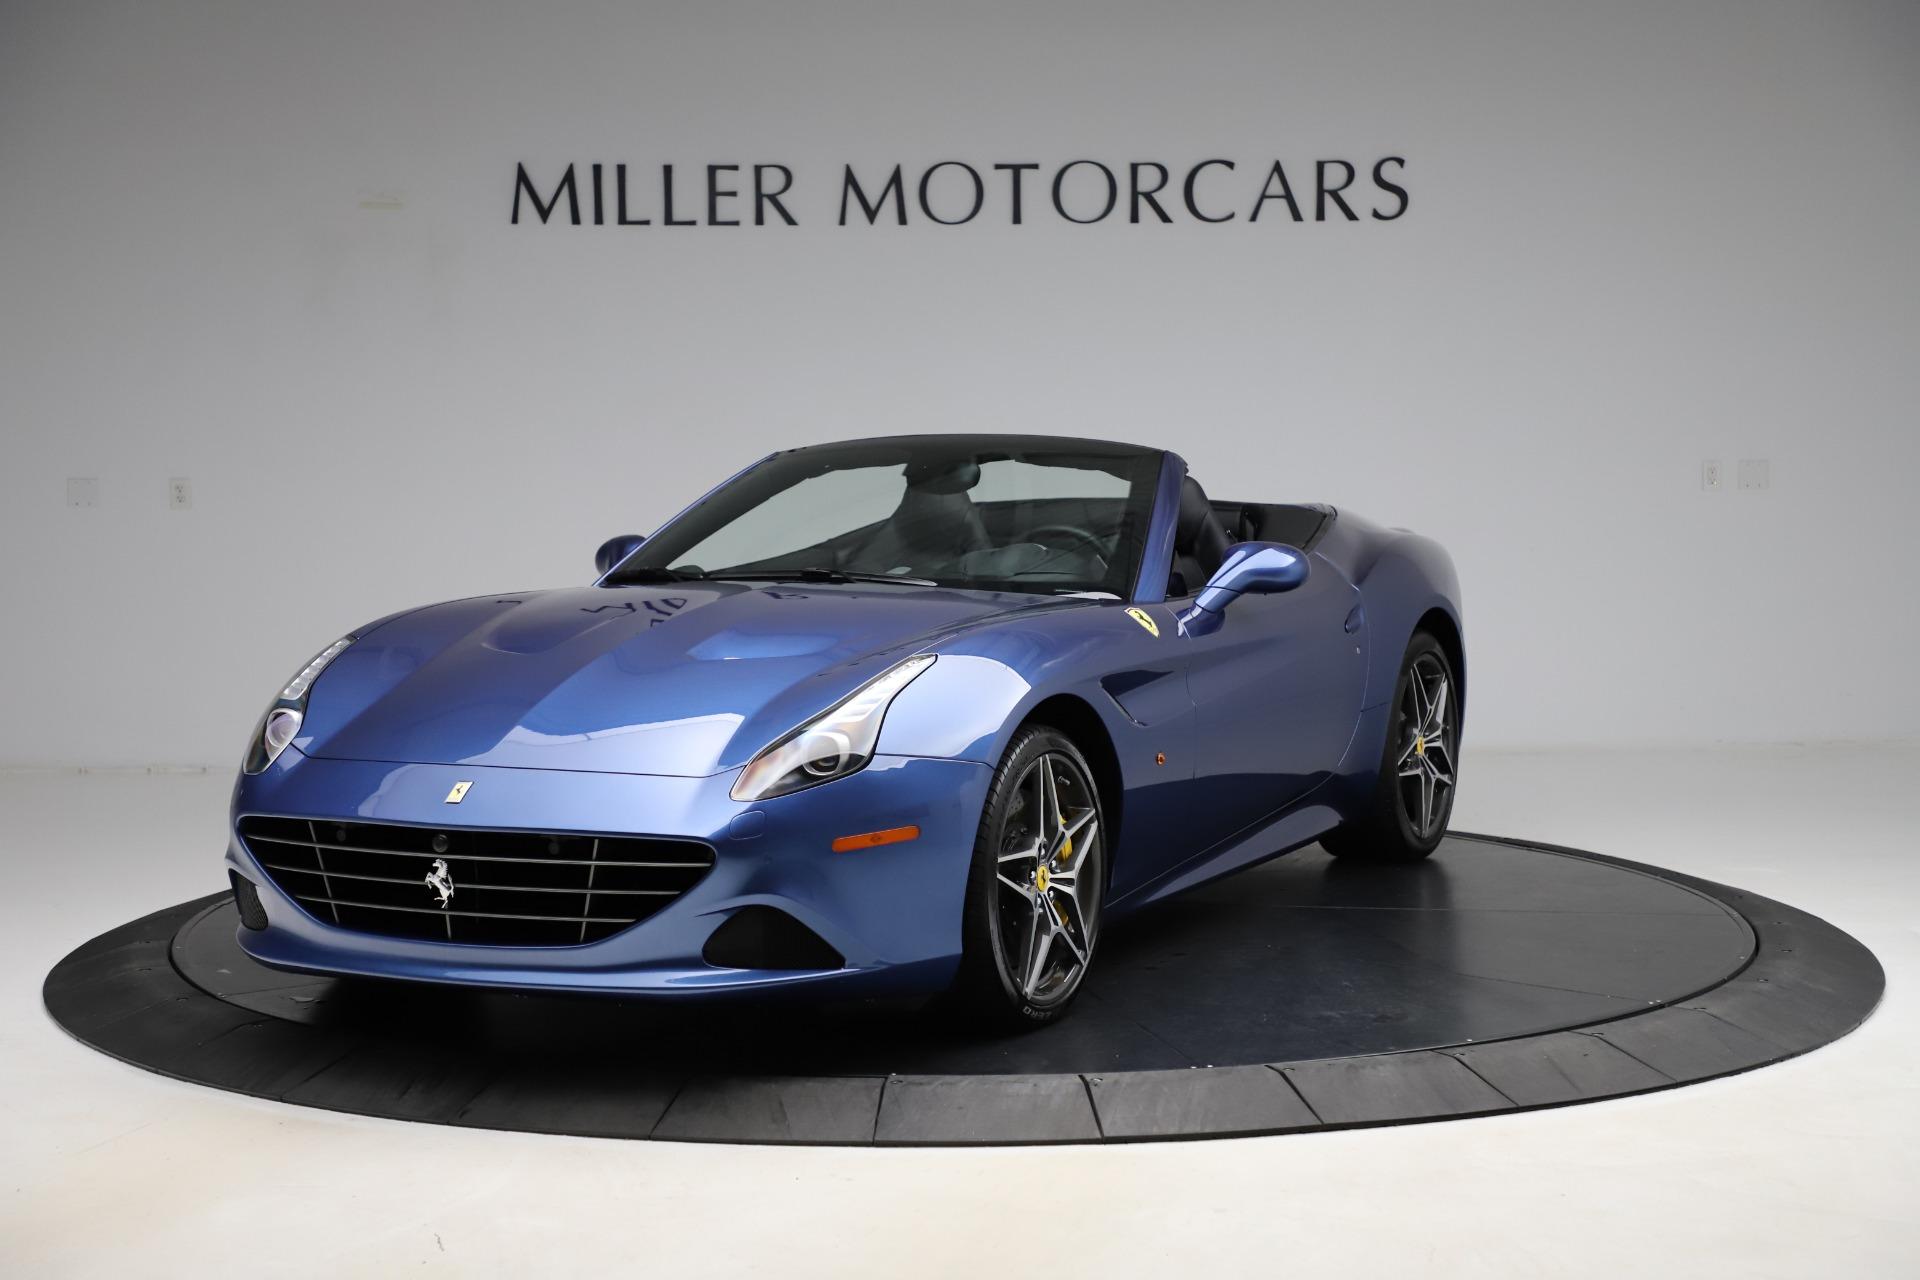 Used 2018 Ferrari California T for sale $185,900 at Maserati of Westport in Westport CT 06880 1